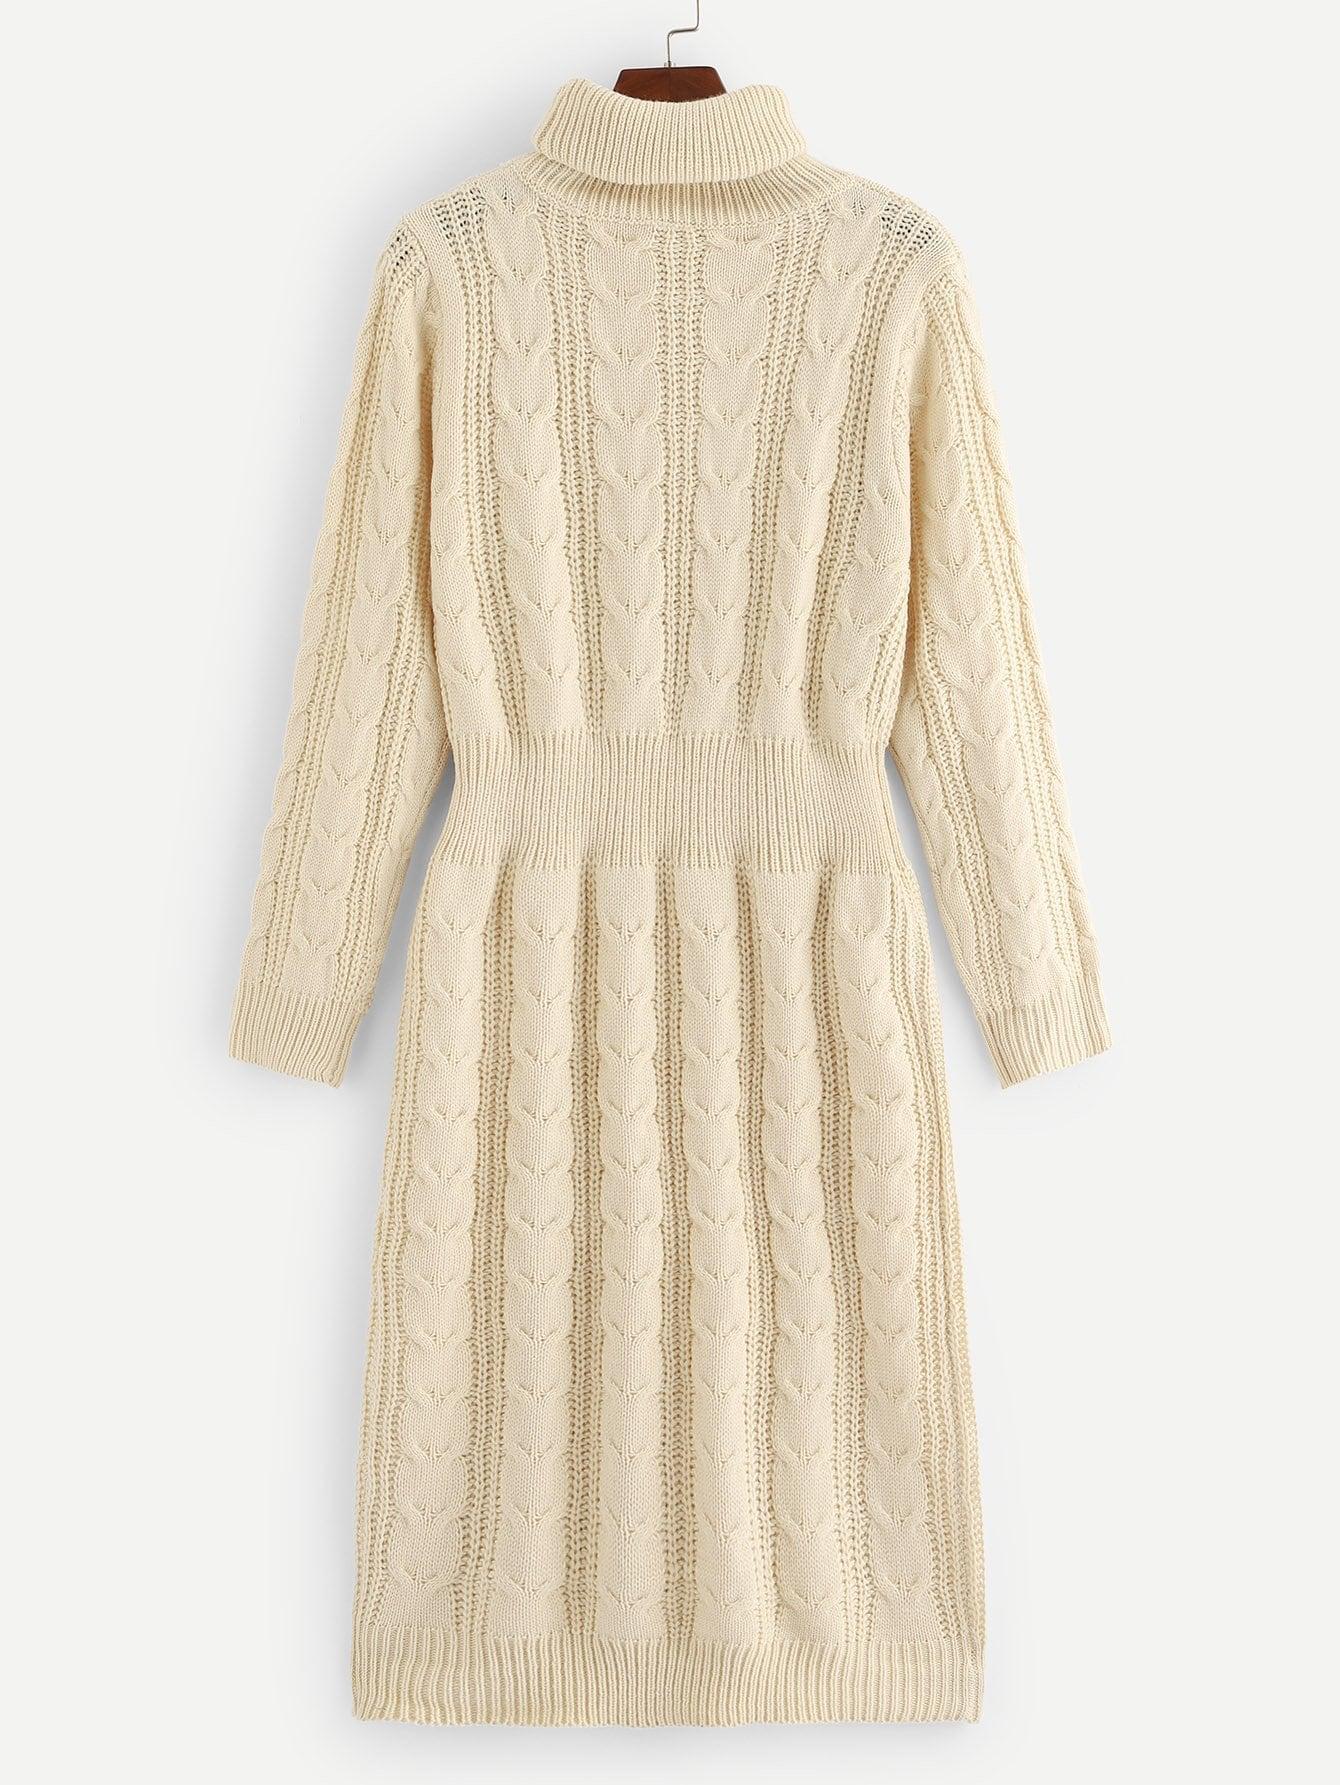 Купить Вязаный свитер платье с высоким вырезом, null, SheIn